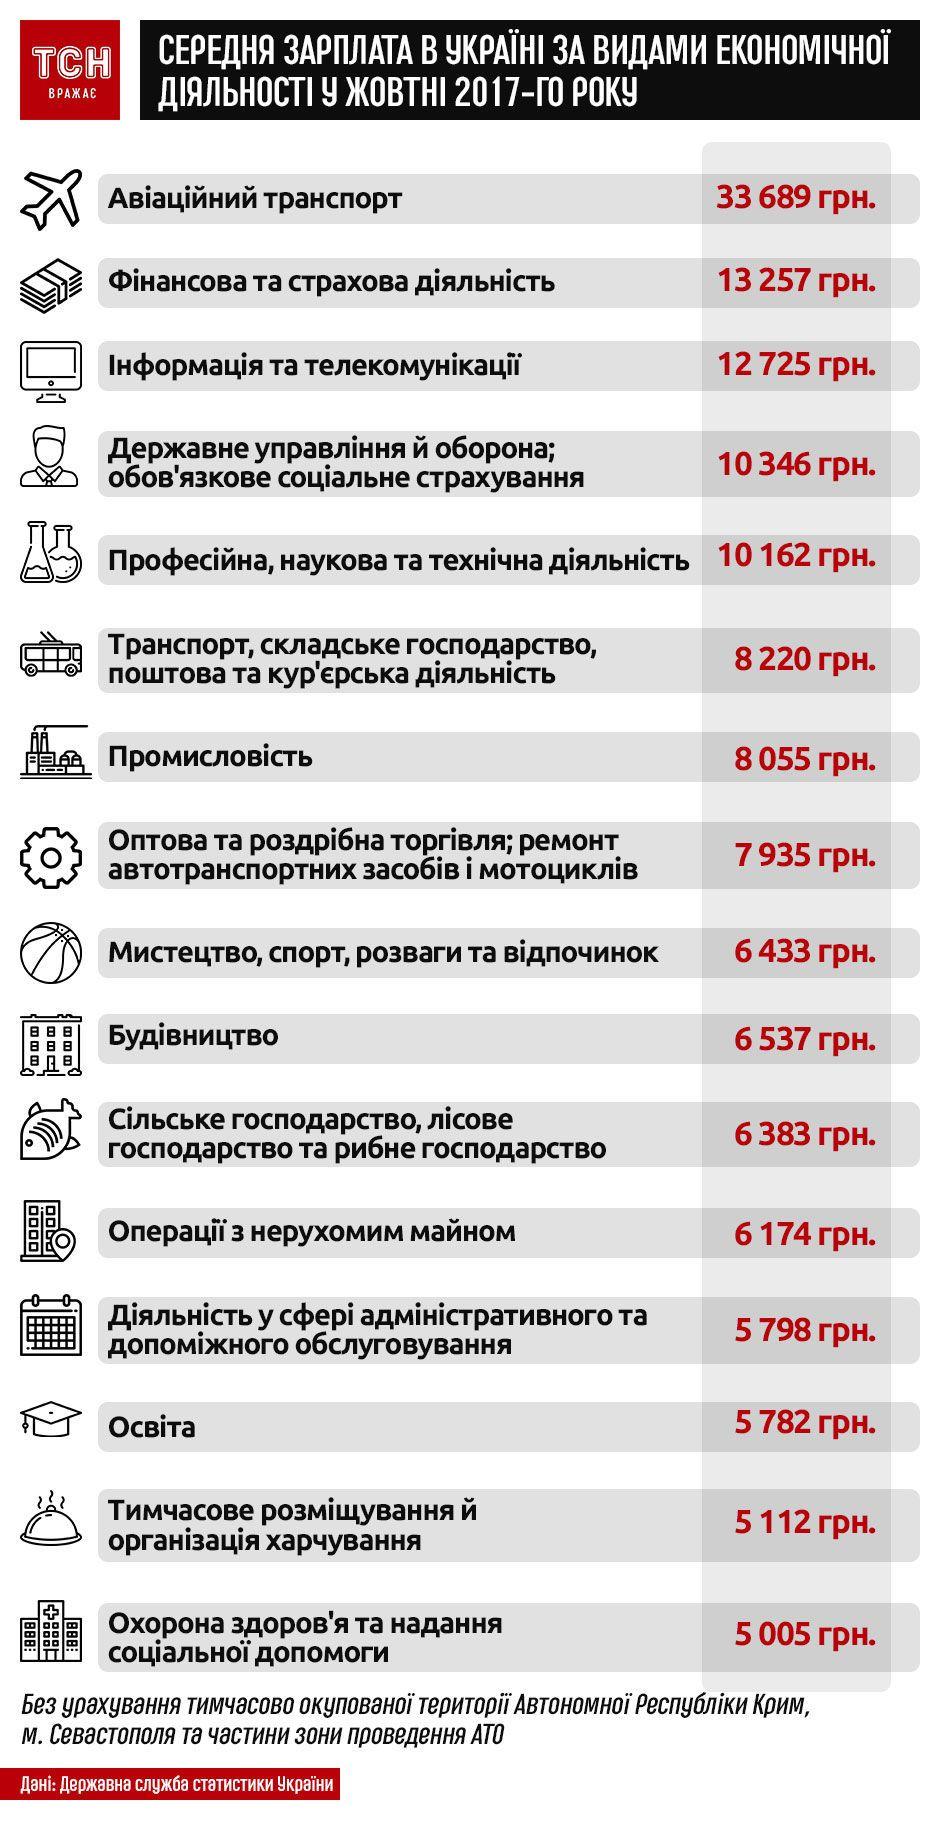 зарплати в Україні в жовтні 2017 року за галузями. Інфографіка